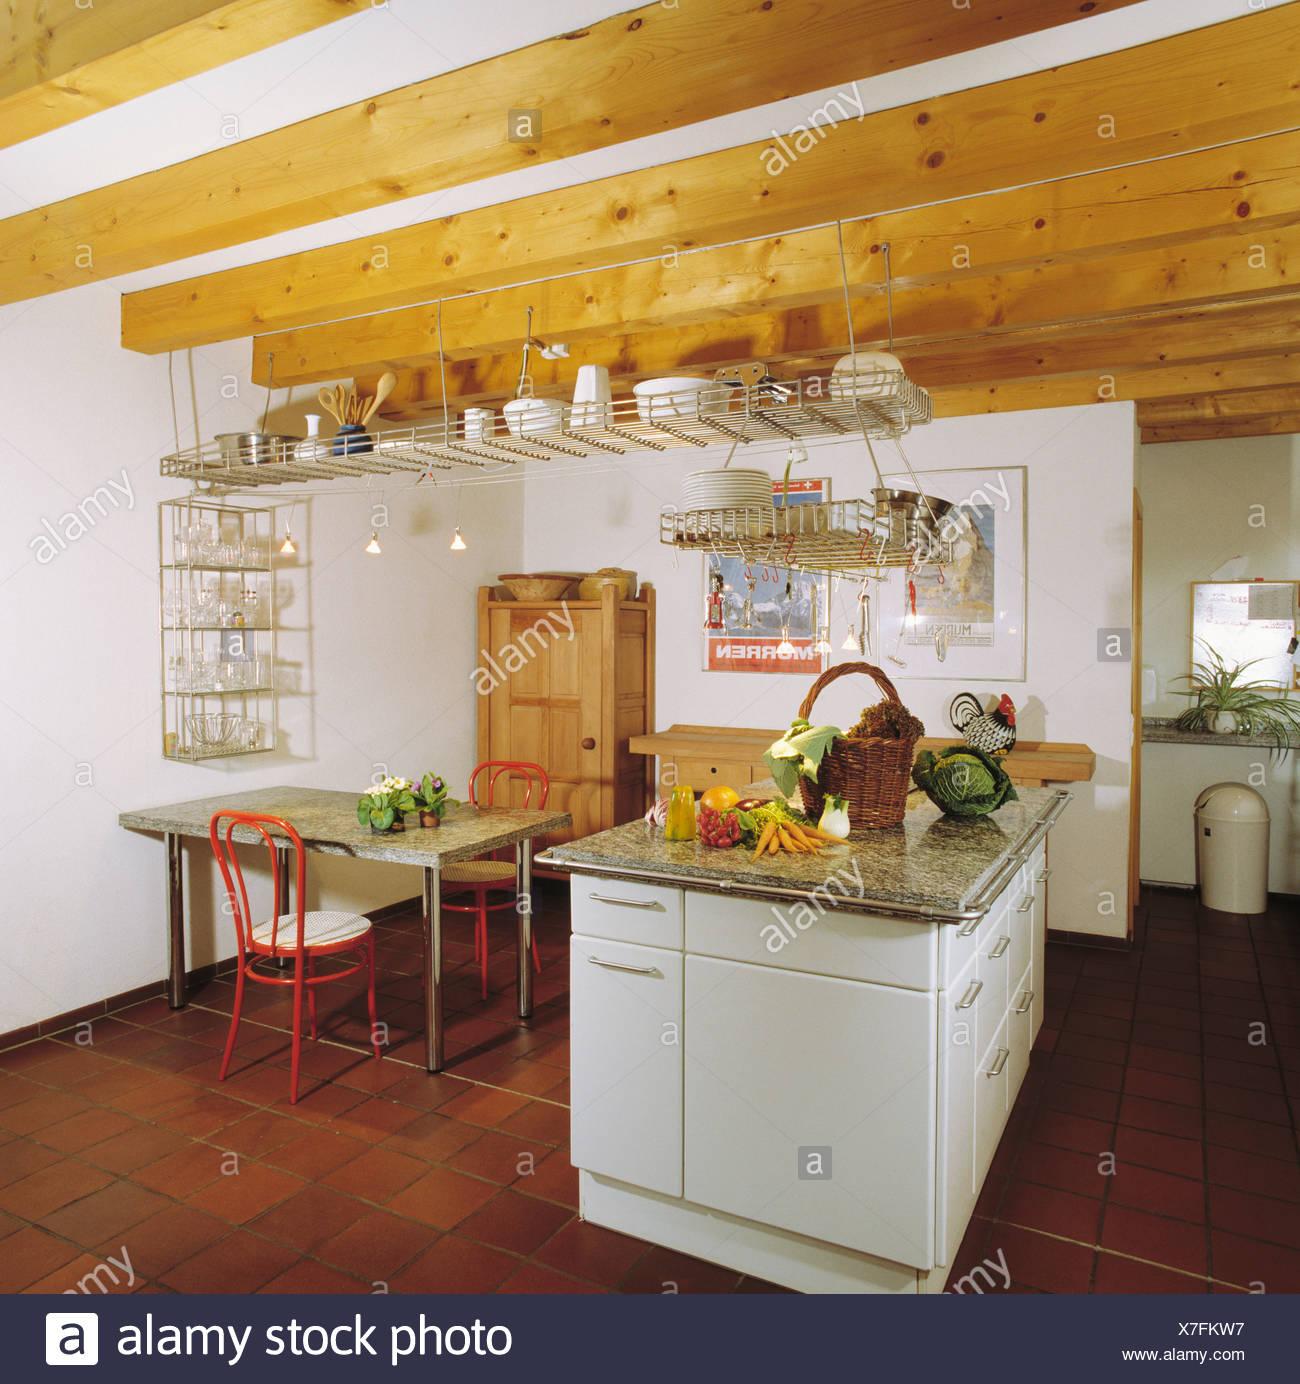 Beste Landküche Insel Fotos - Ideen Für Die Küche Dekoration ...